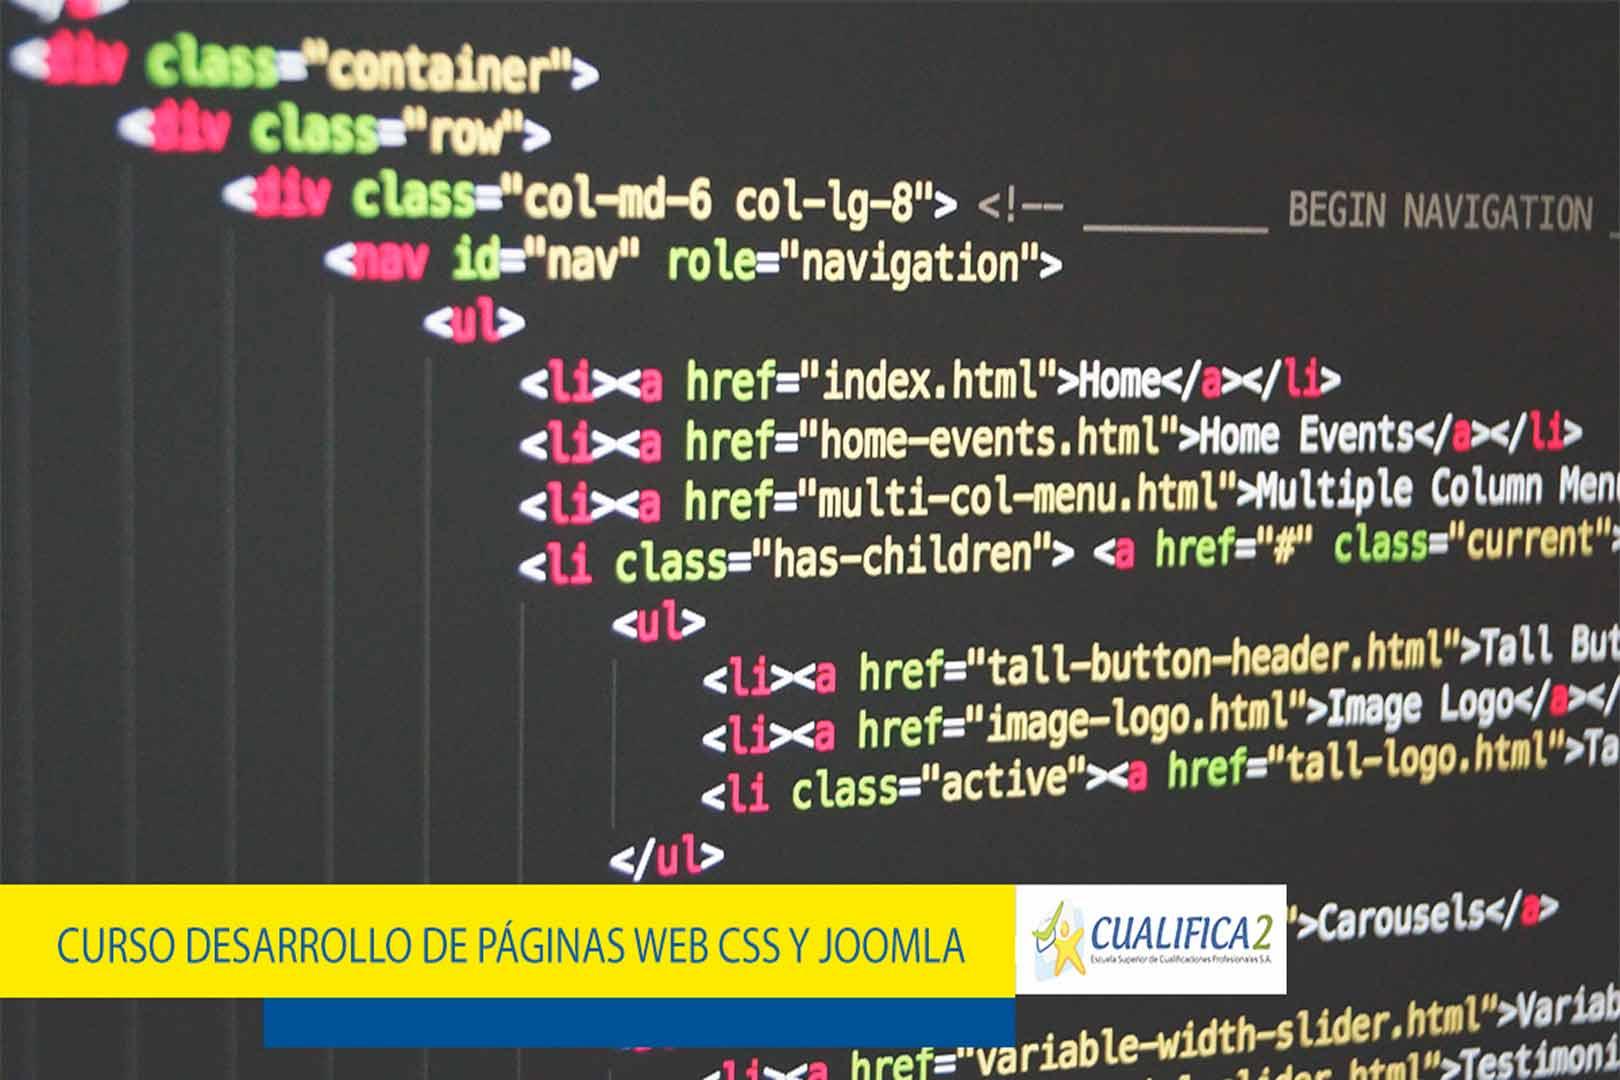 curso desarrollo de paginas web css y joomla